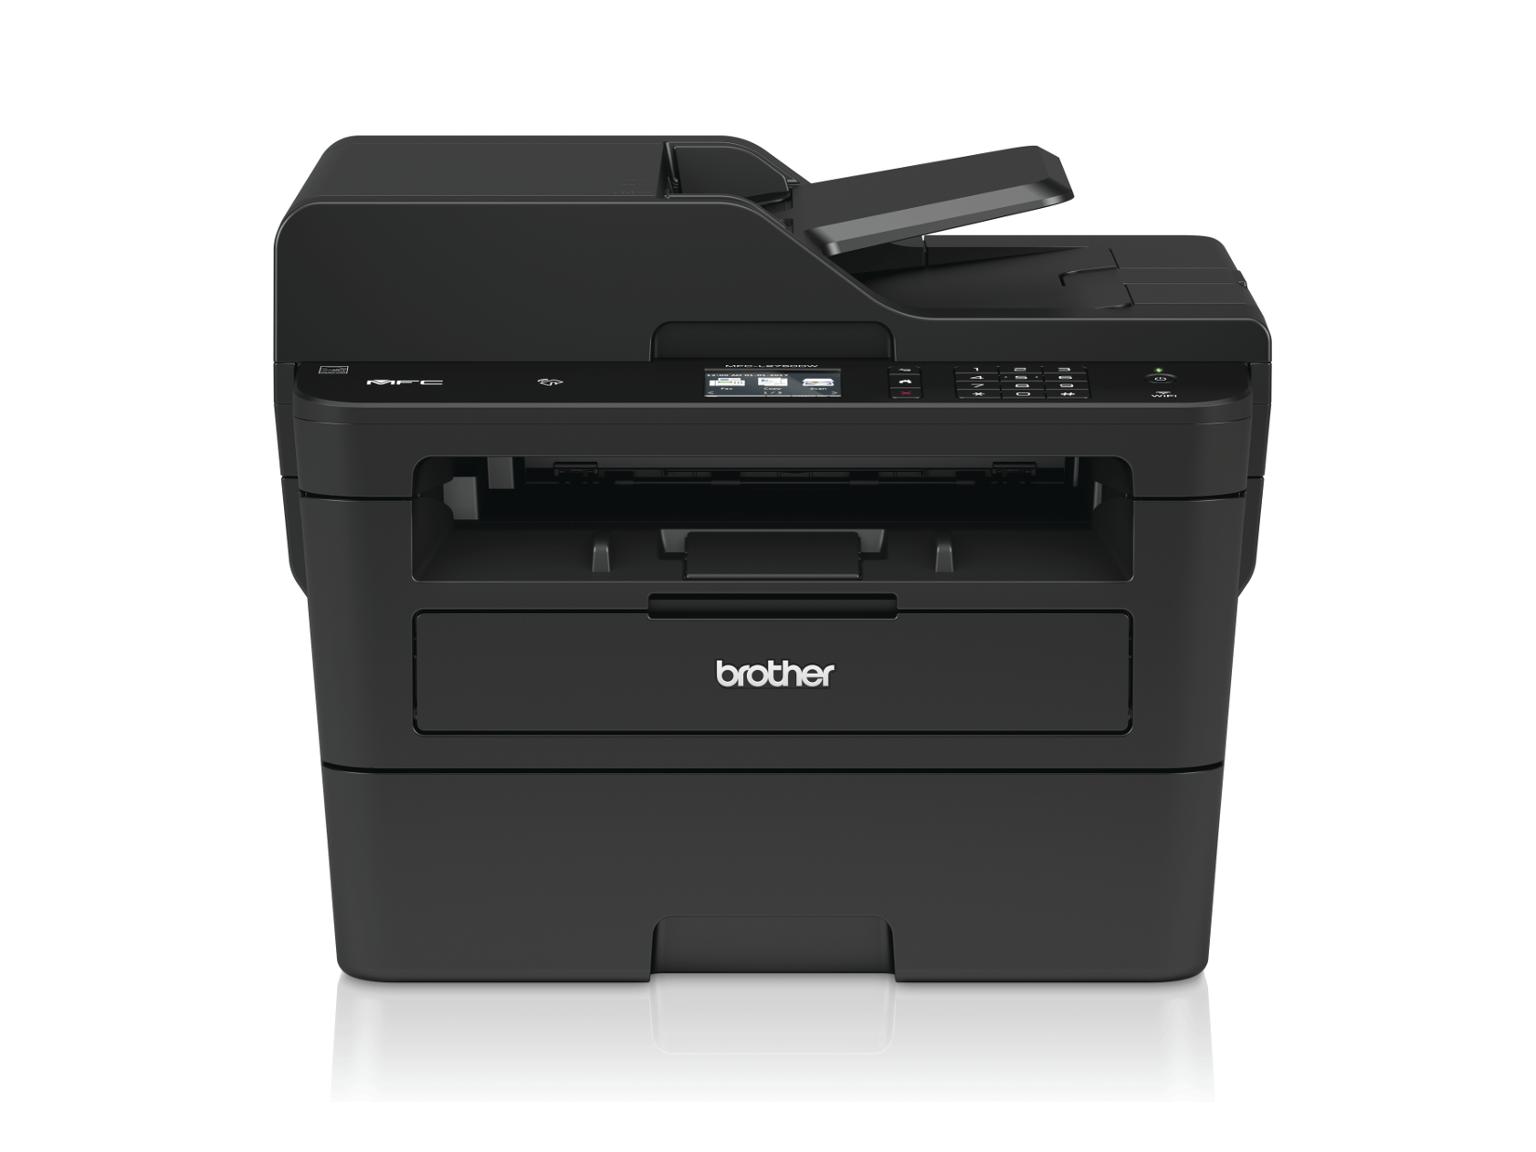 Impresora multifunción láser monocromo MFC-L2750DW